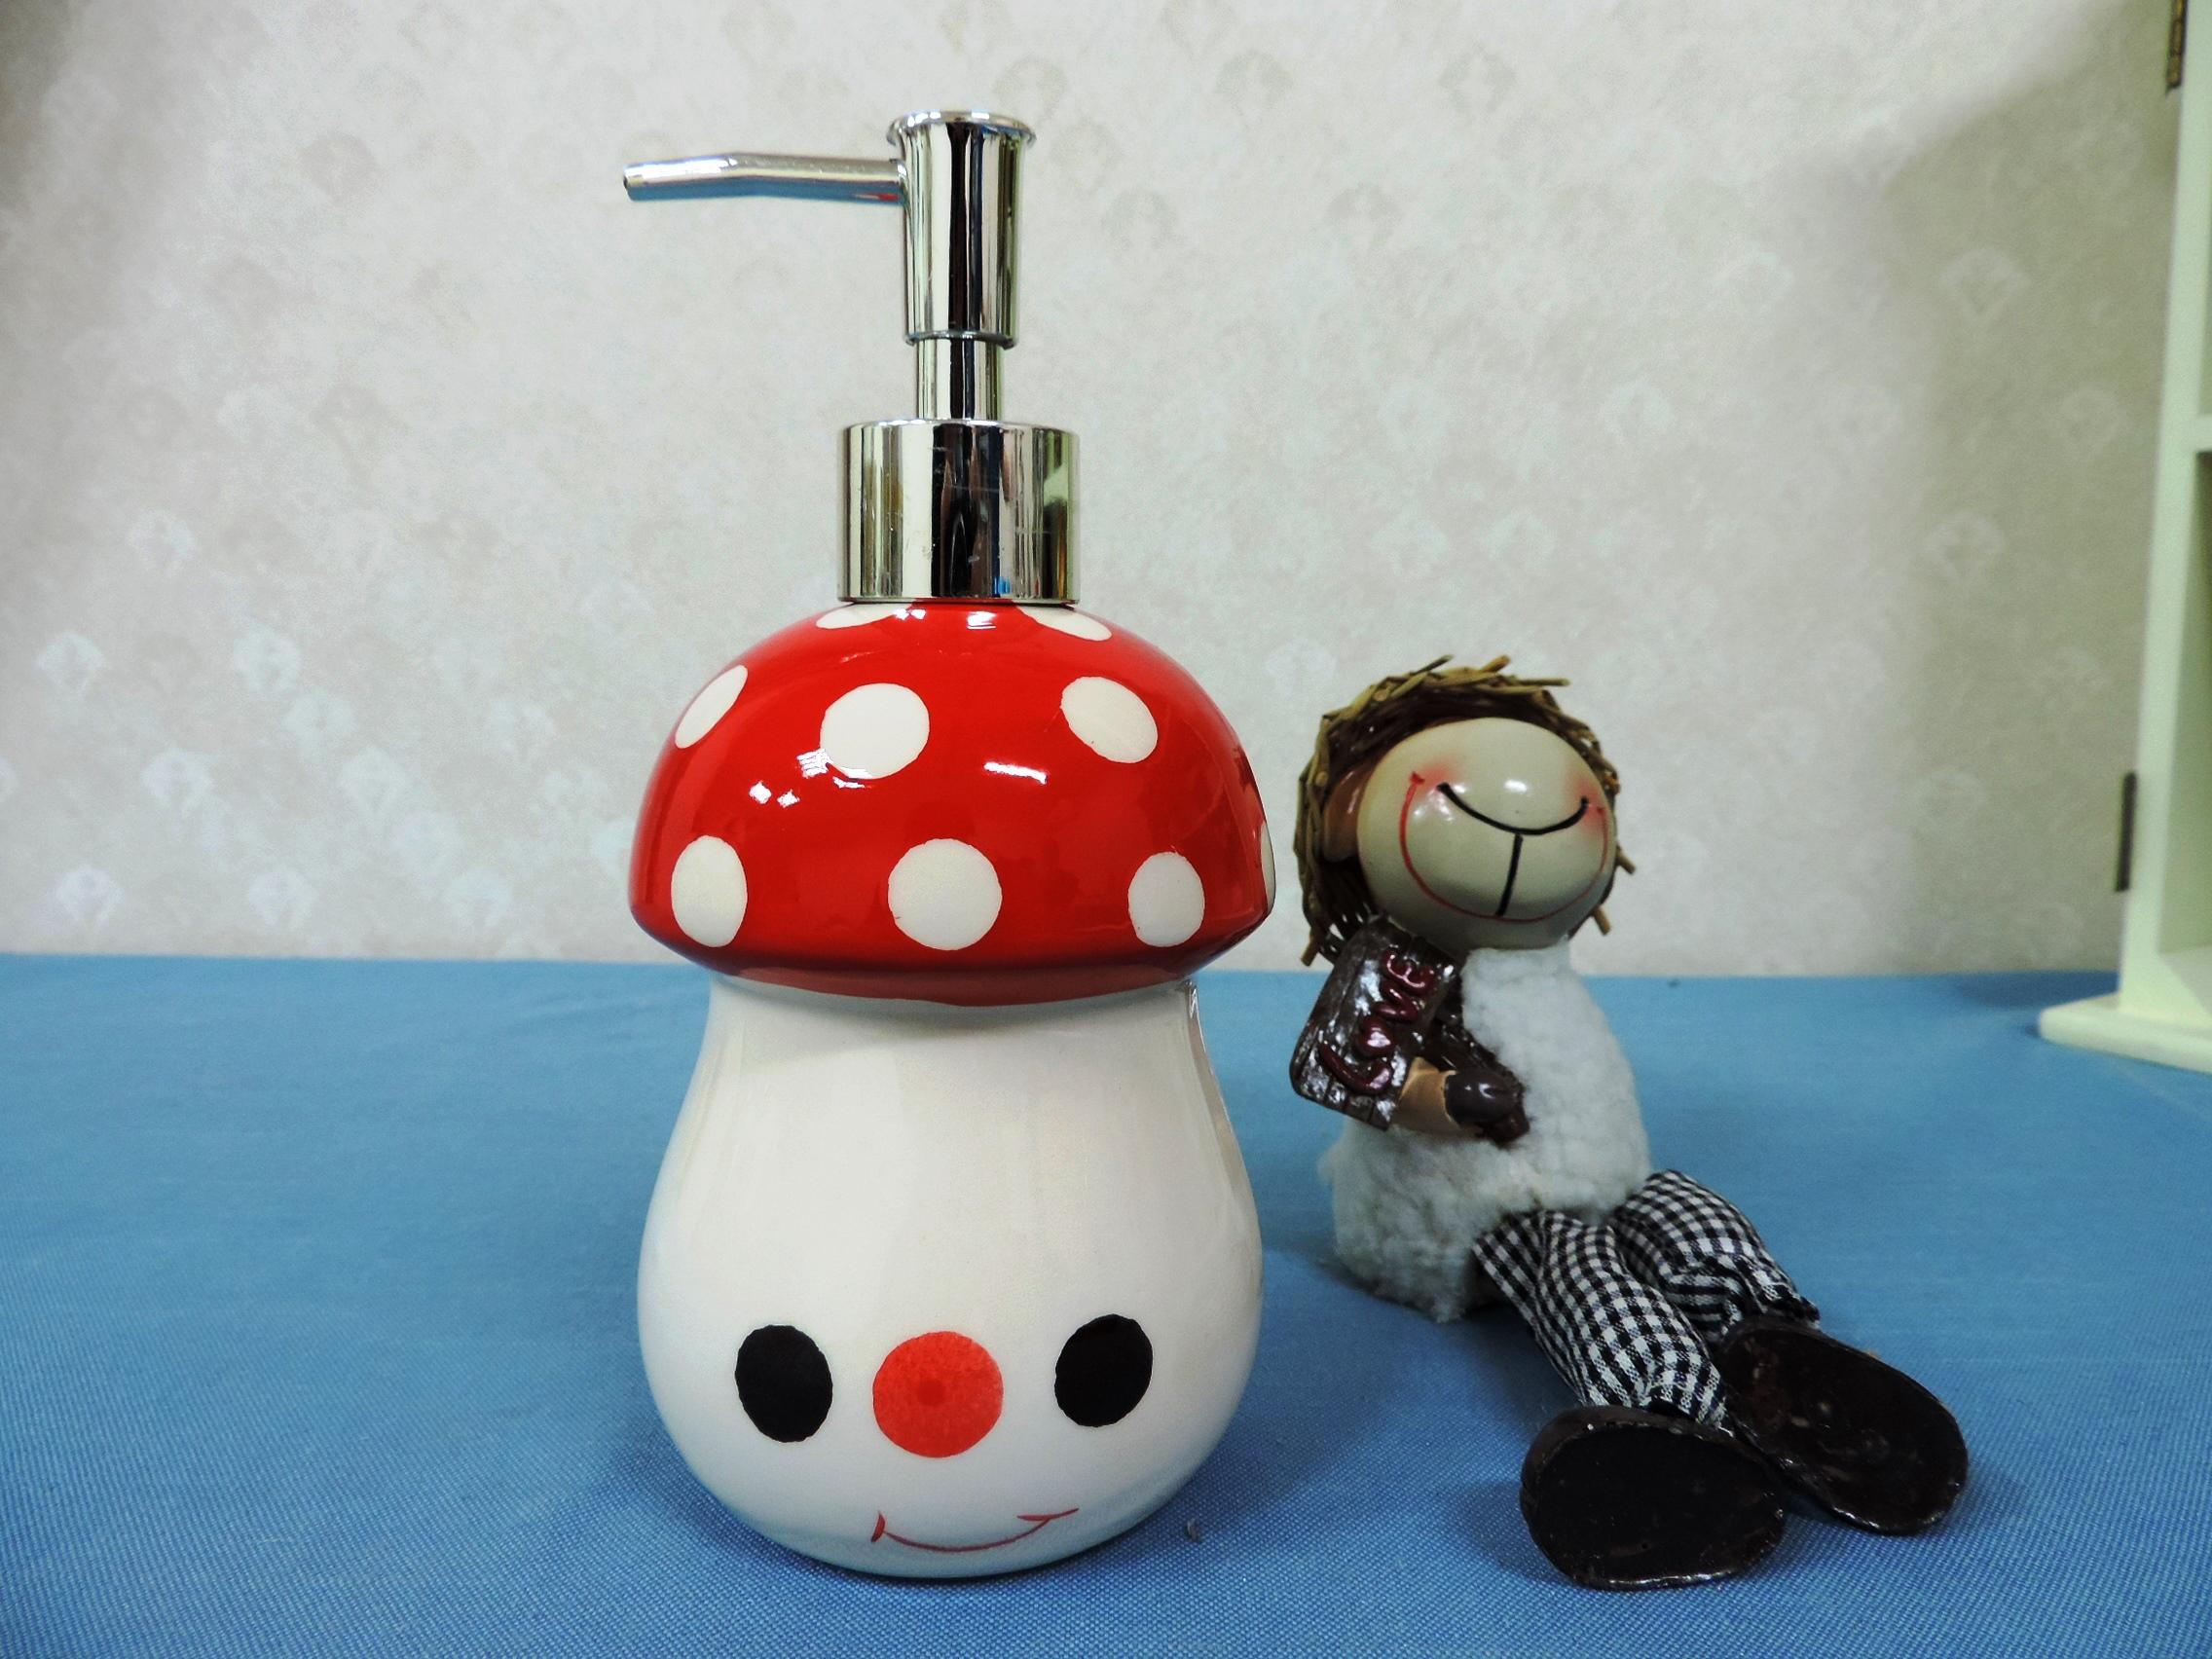 ↙特價 ↘ 《紅色》可愛蘑菇造型乳液罐 洗手液罐 沐浴瓶 洗髮乳 填充罐 洗碗精罐◤彩虹森林◥